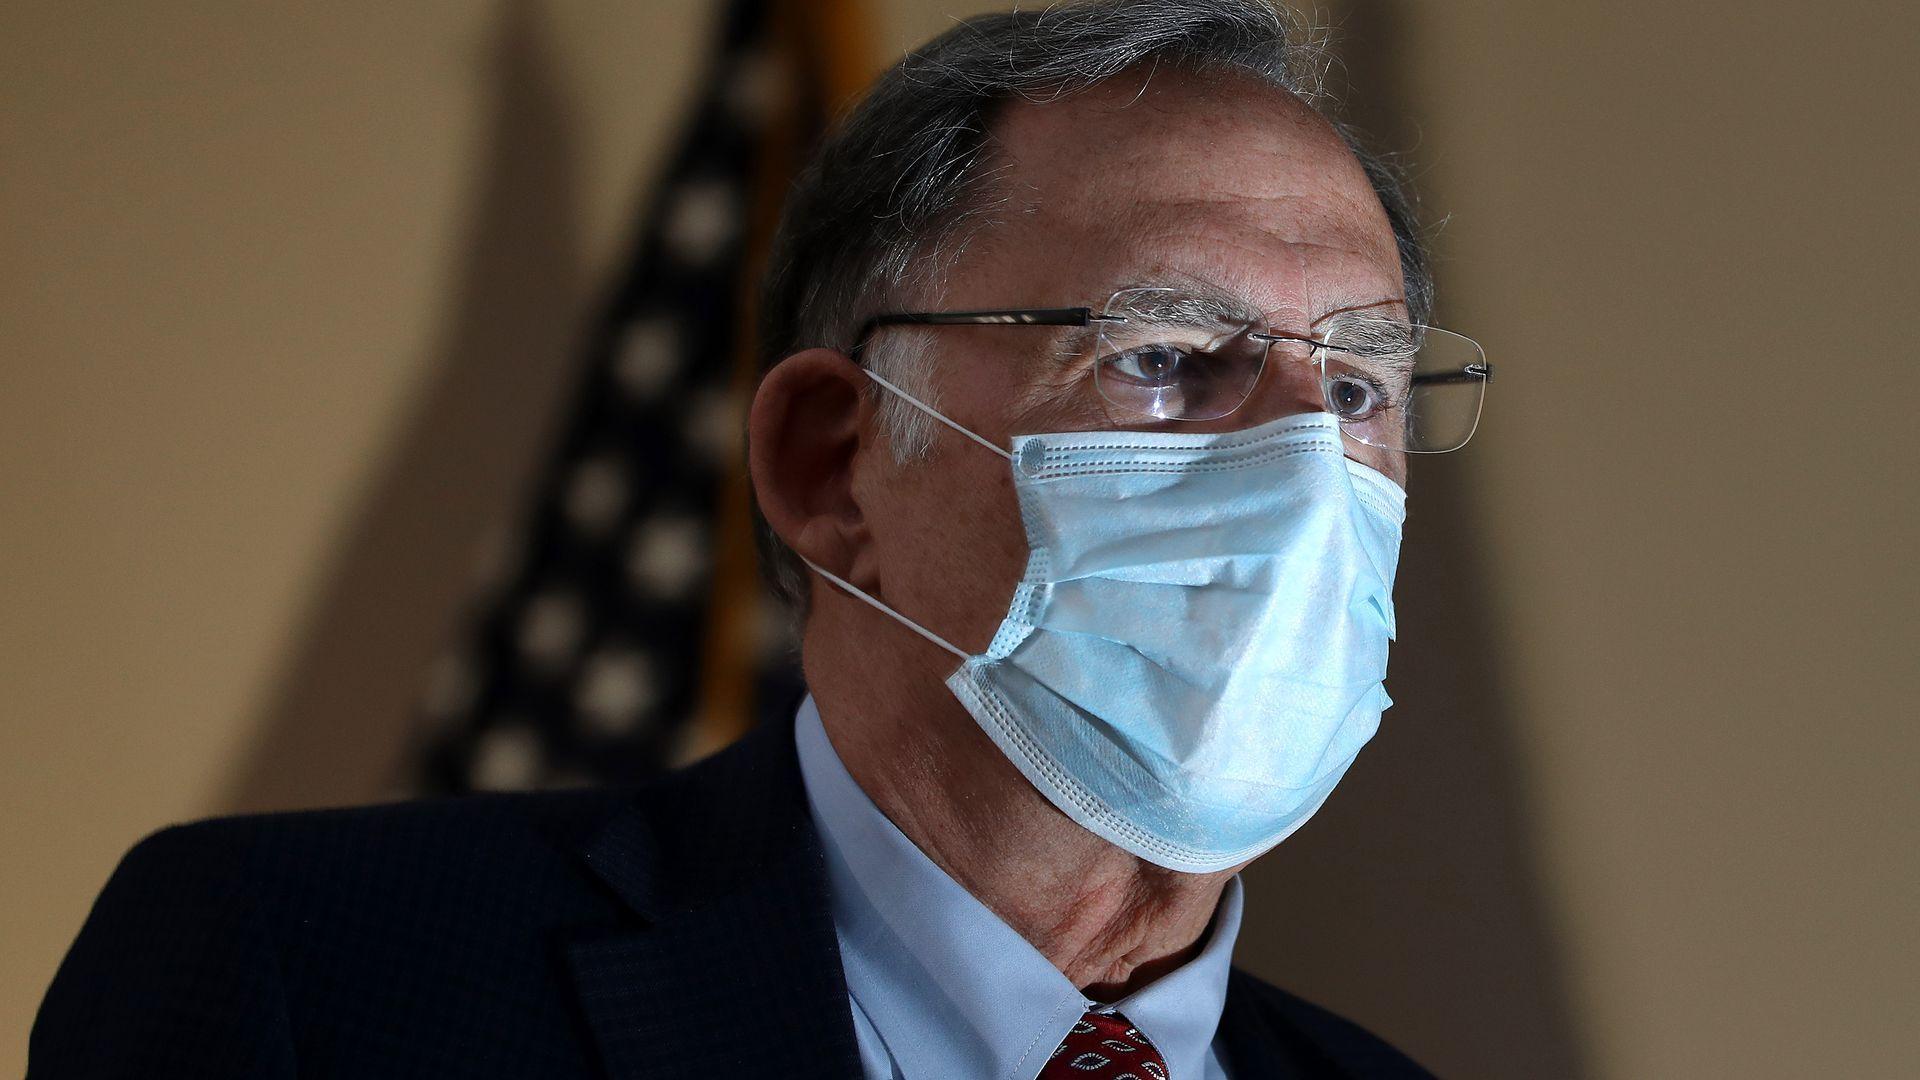 Senator John Boozman wearing a face mask.